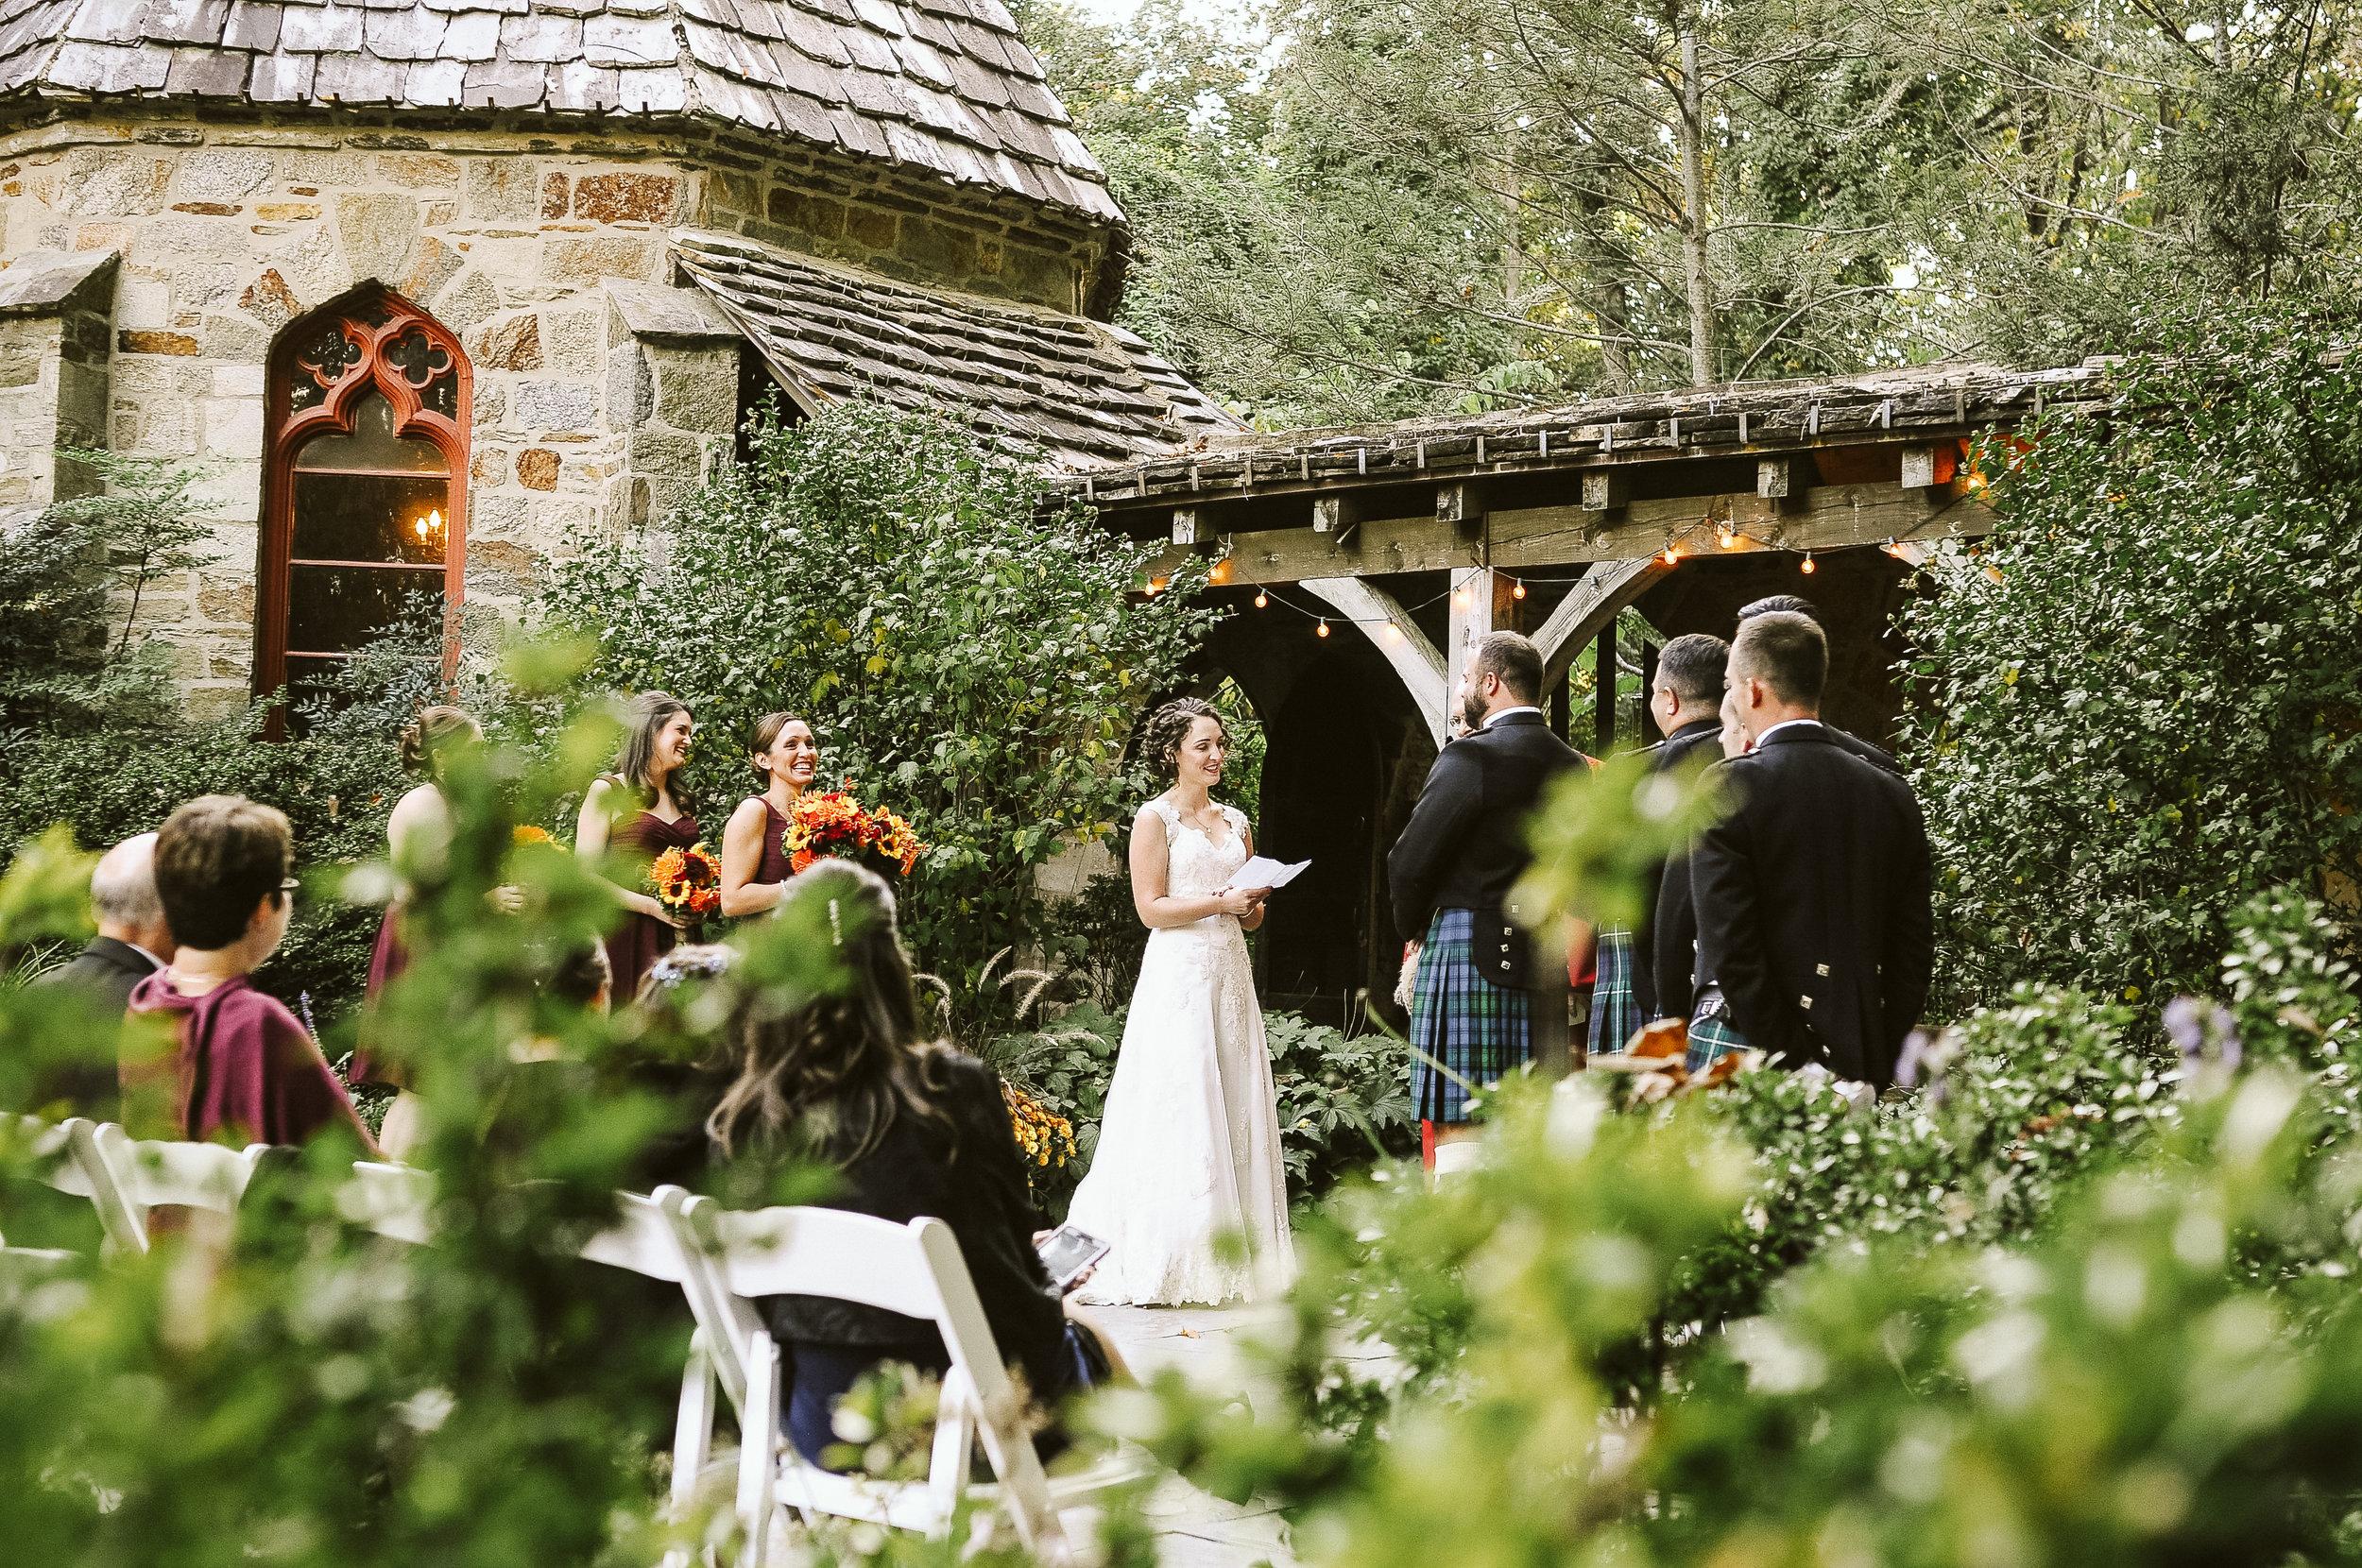 adrienne and greg's wedding 2018 edits-50.jpg